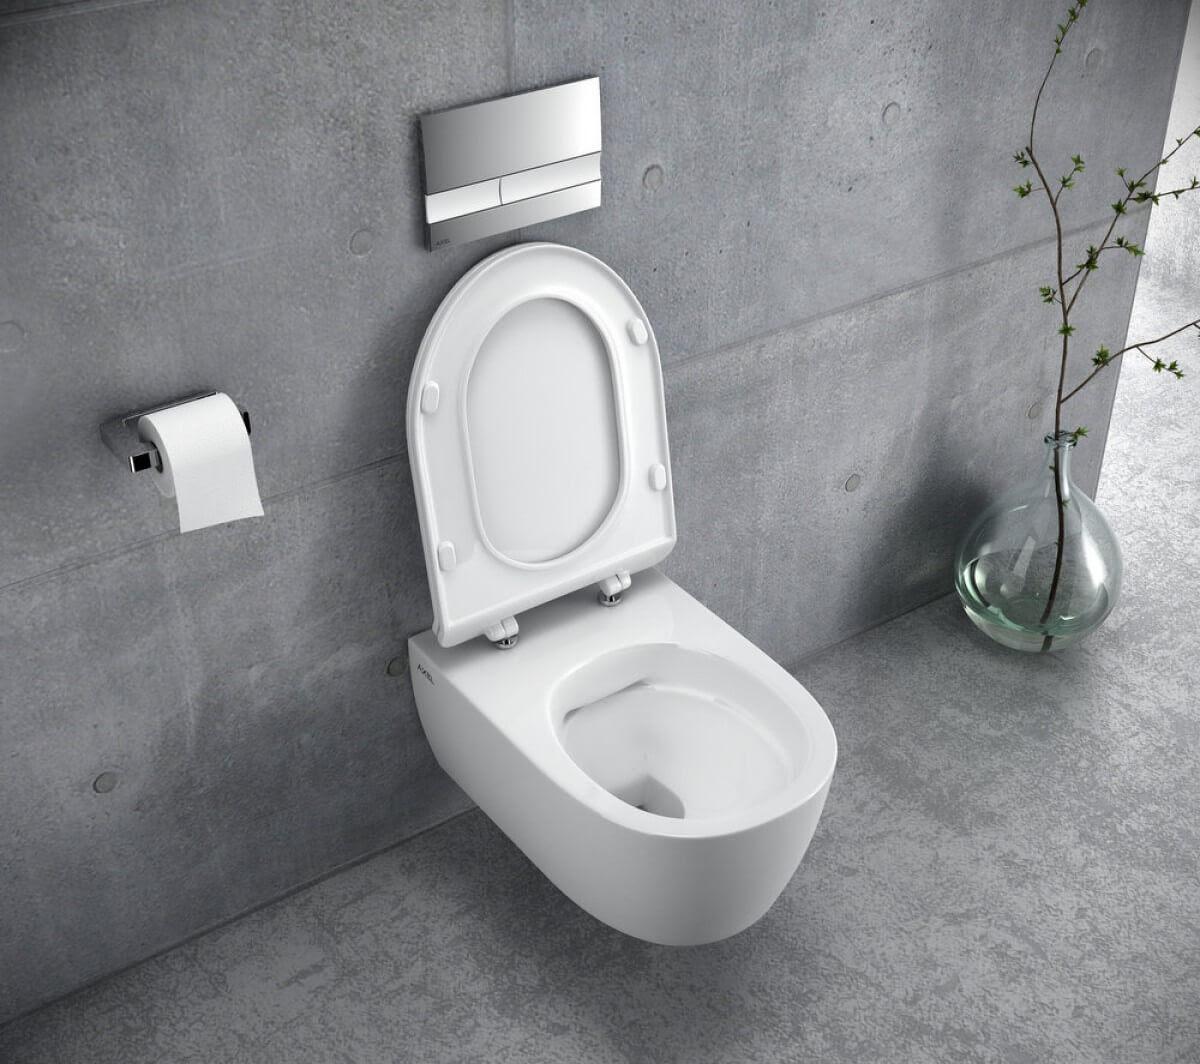 Jaką muszlę WC wybrać – wiszącą czy stojącą